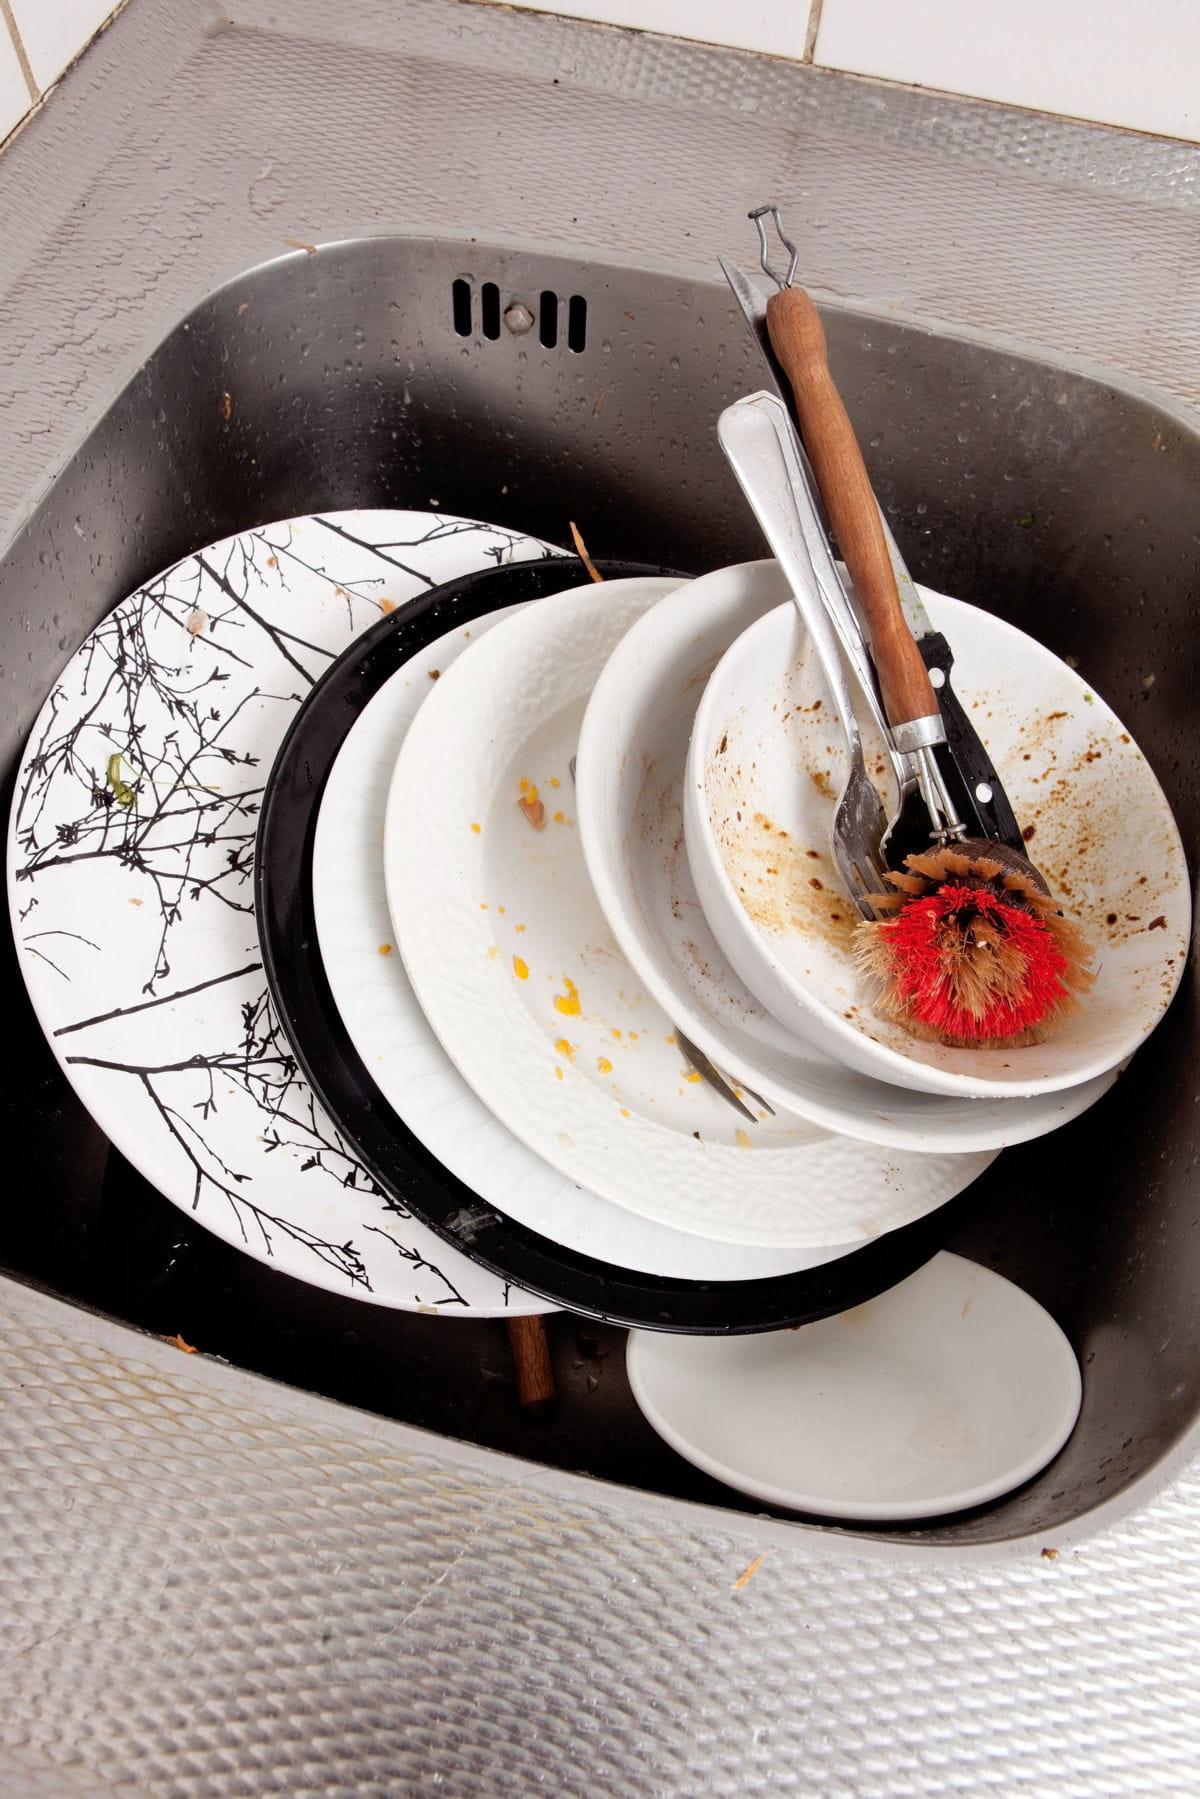 nos astuces pour faire la vaisselle plus vite plus efficacement et plus cologiquement. Black Bedroom Furniture Sets. Home Design Ideas